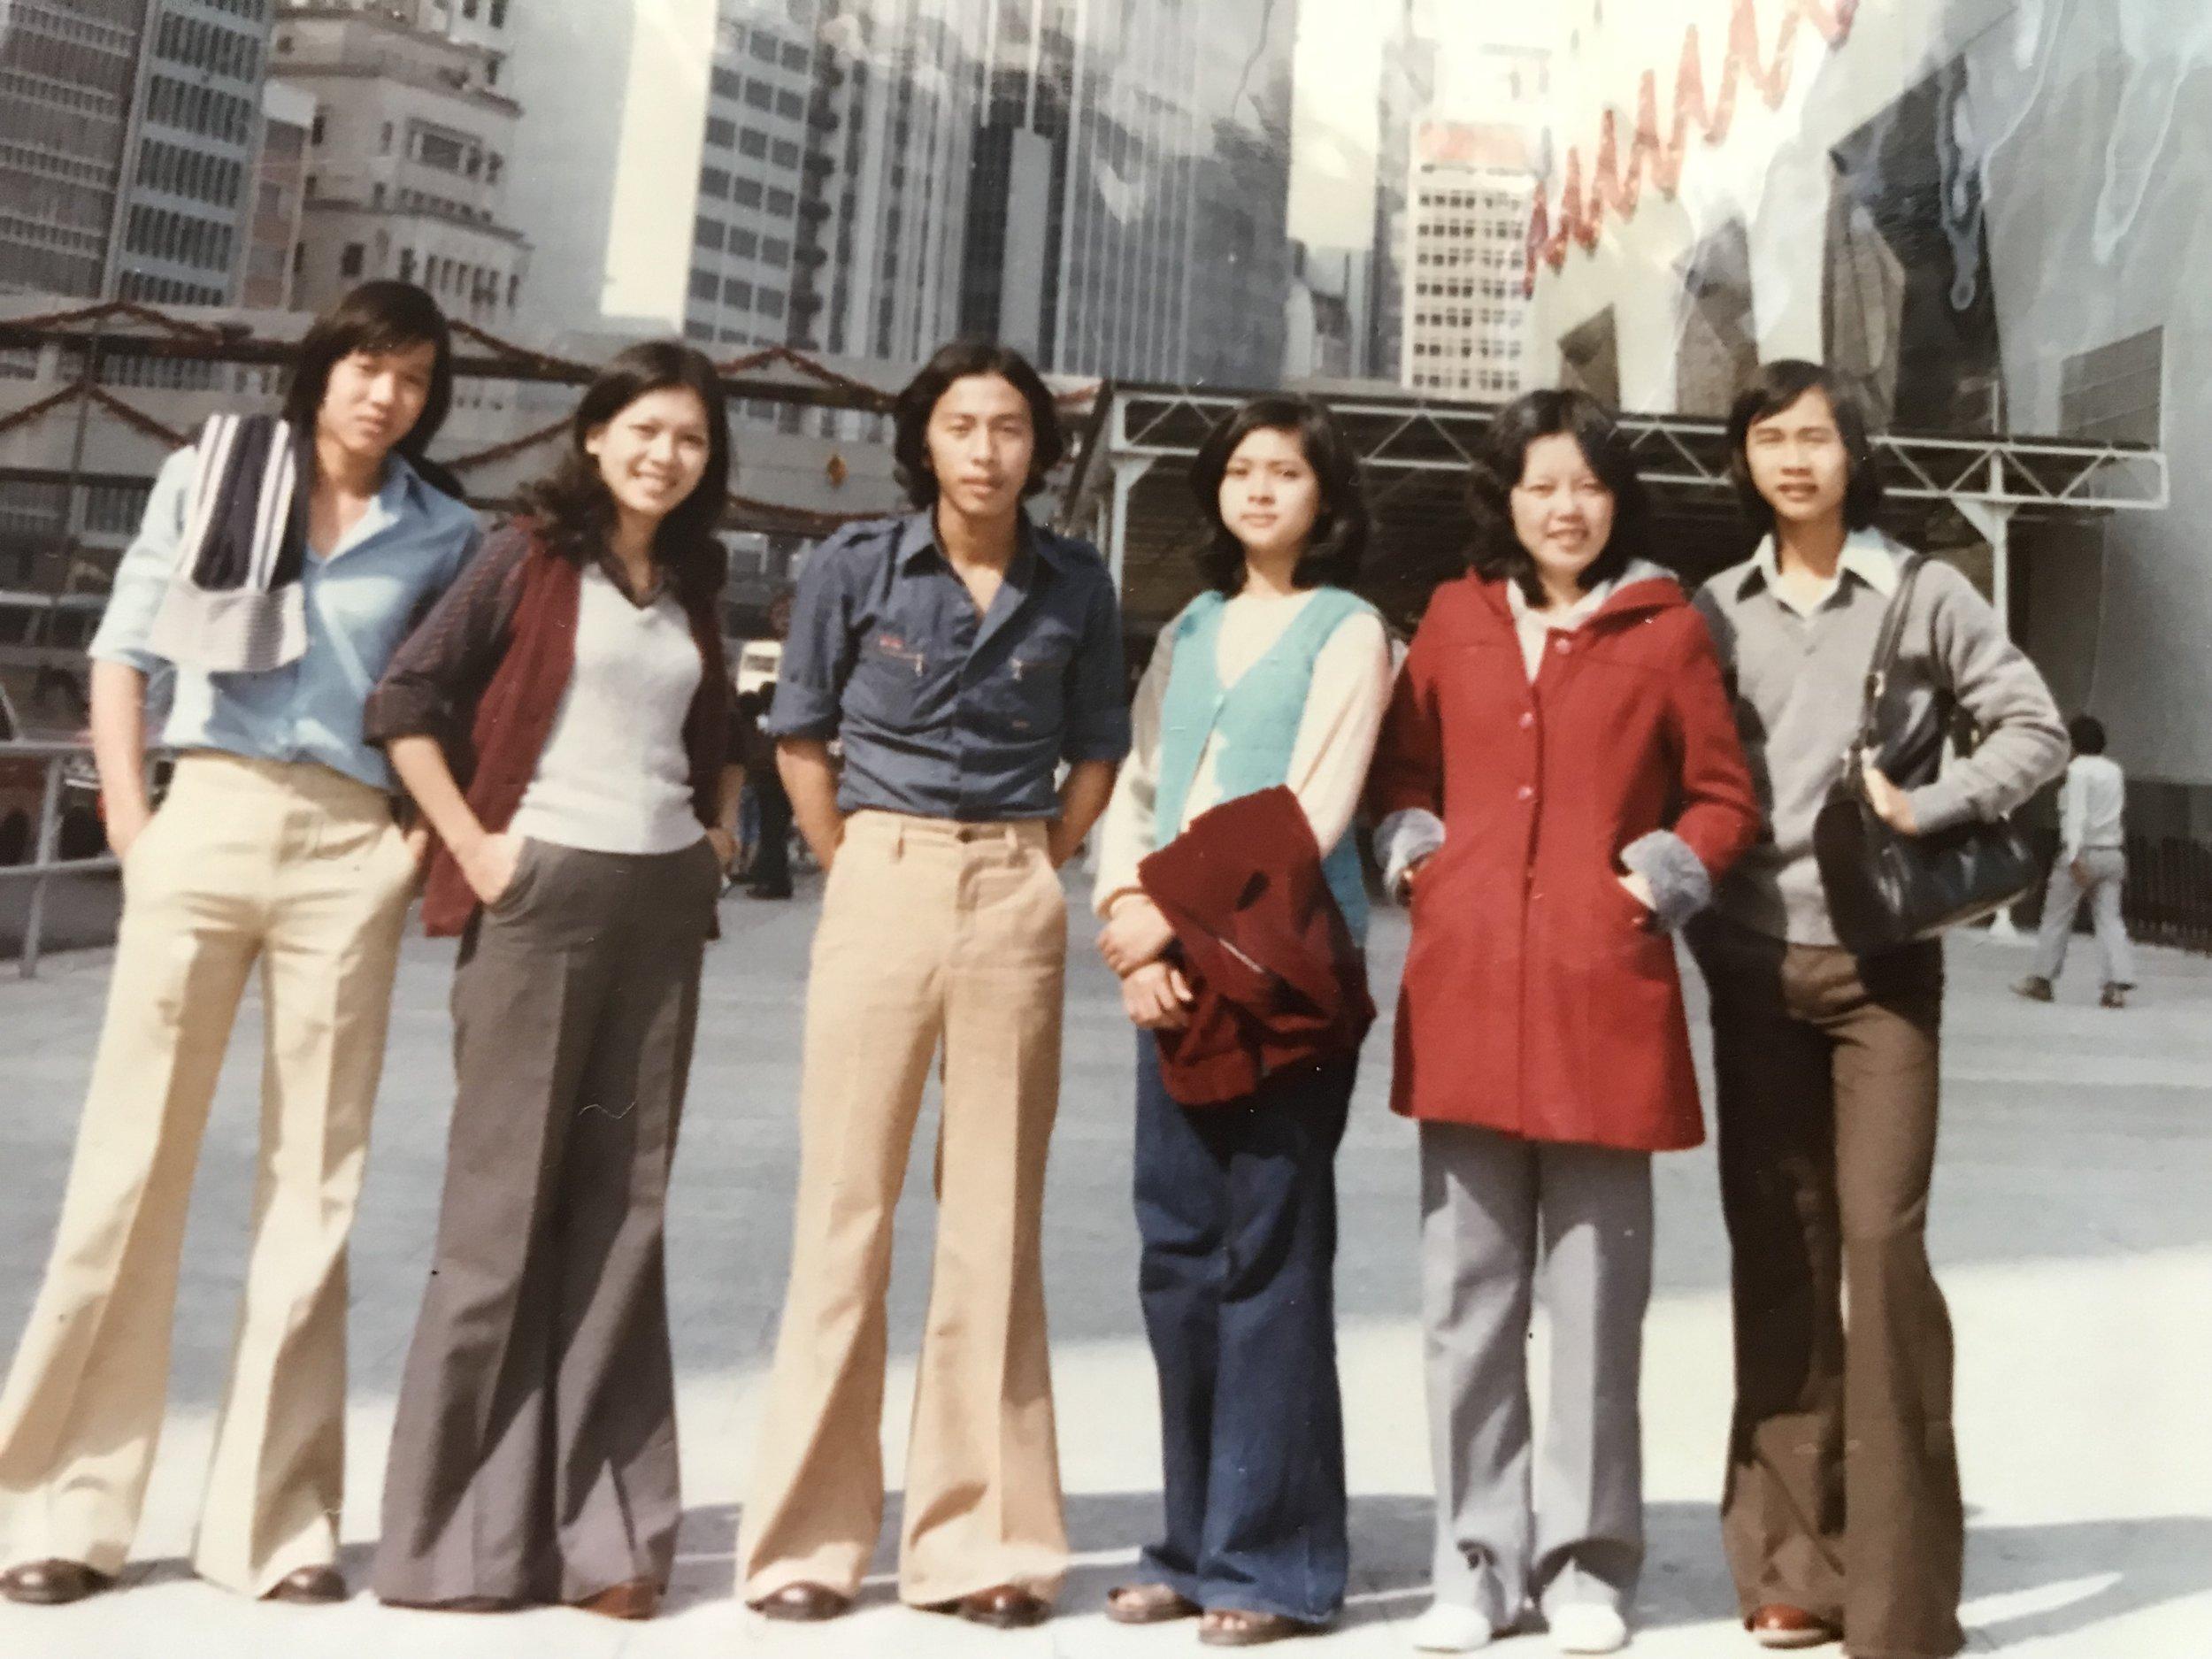 Ra phố của đảo Hong Kong (Hương Cảng) chơi, sau khi được chính quyền Hong Kong công nhận cho tư cách tỵ nạn chính trị (1979.)  Quang cảnh đường phố lúc đó trông vắng vẻ, không như ngày nay vì thành phố quá đông đúc người, khiến cho các bức hình chụp trên phố luôn không tránk khỏi phải dính kèm thêm những người qua lại trên đường phố.